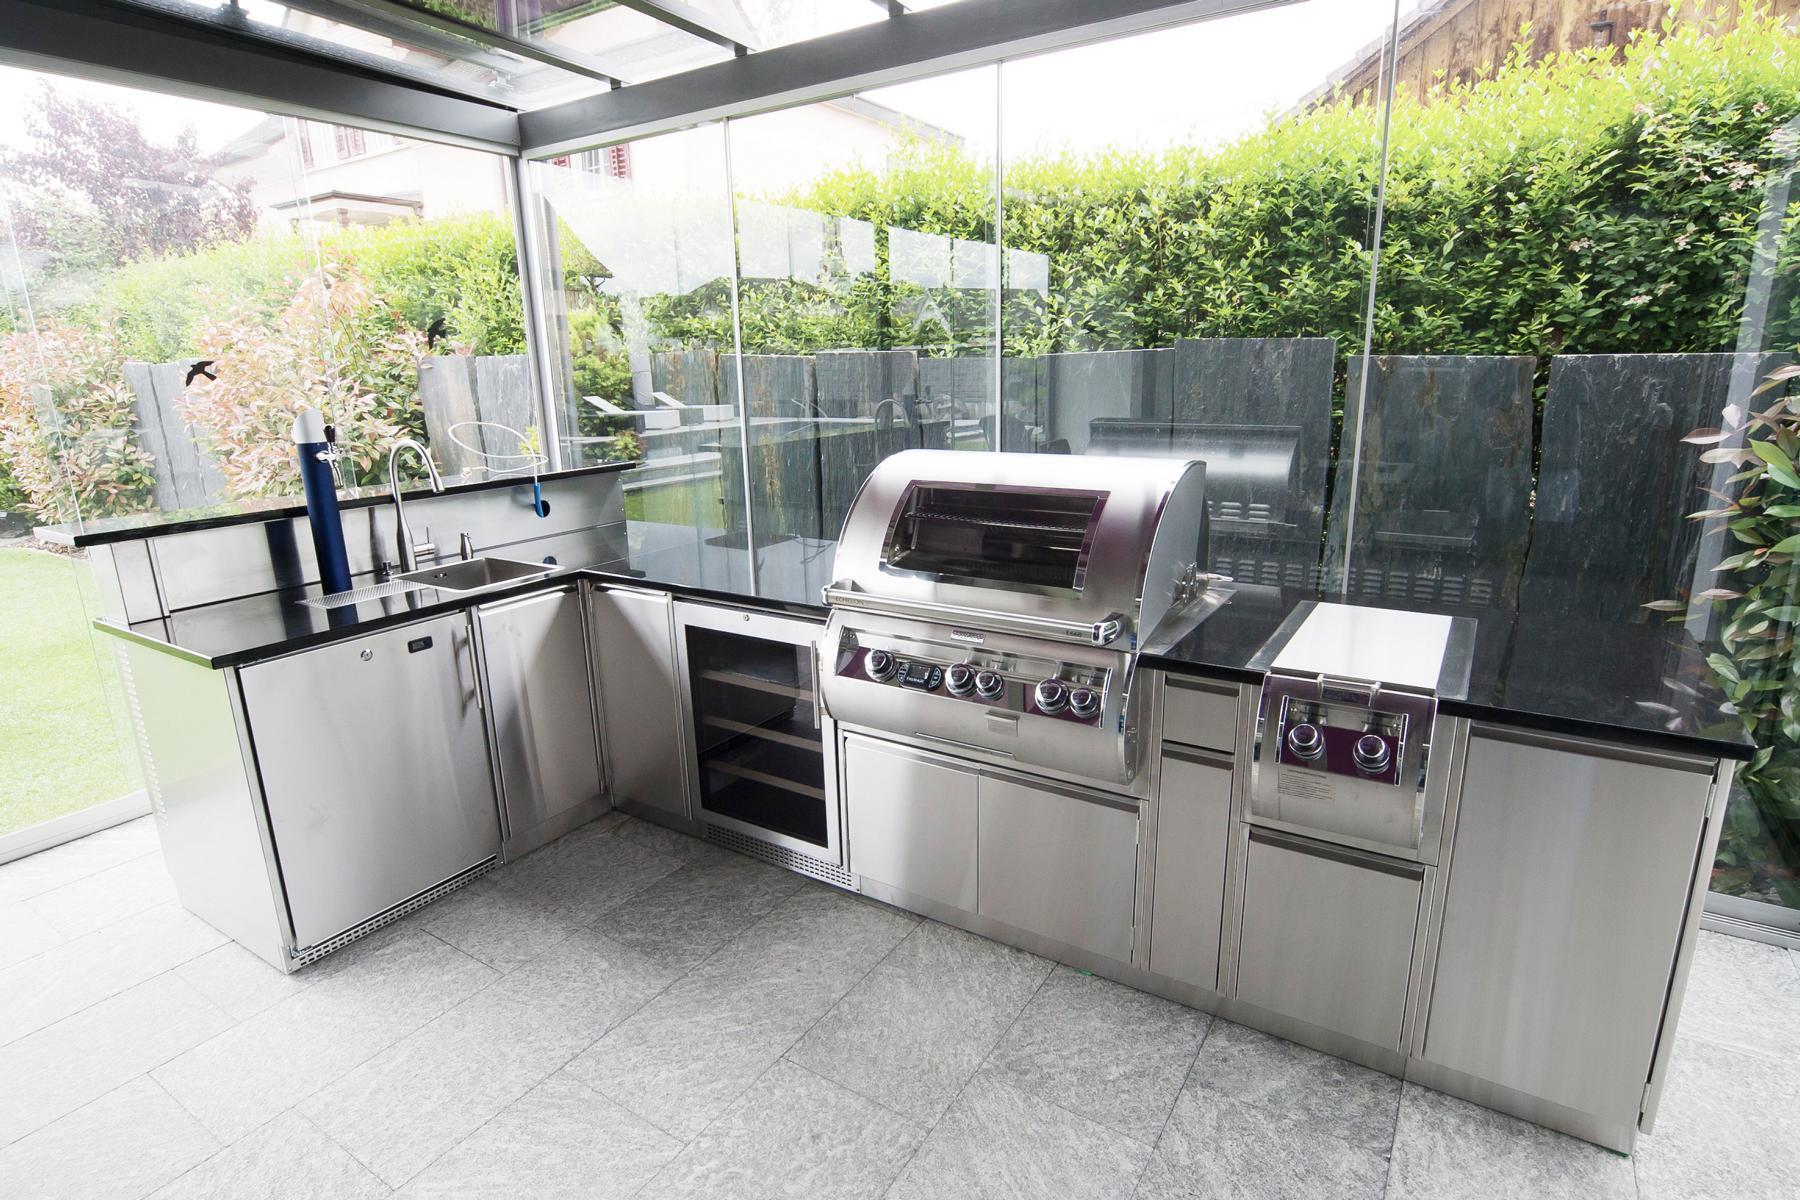 Outdoor Küche Edelstahl Preis : Massgeschneiderte aussenküchen aus edelstahl für sie!